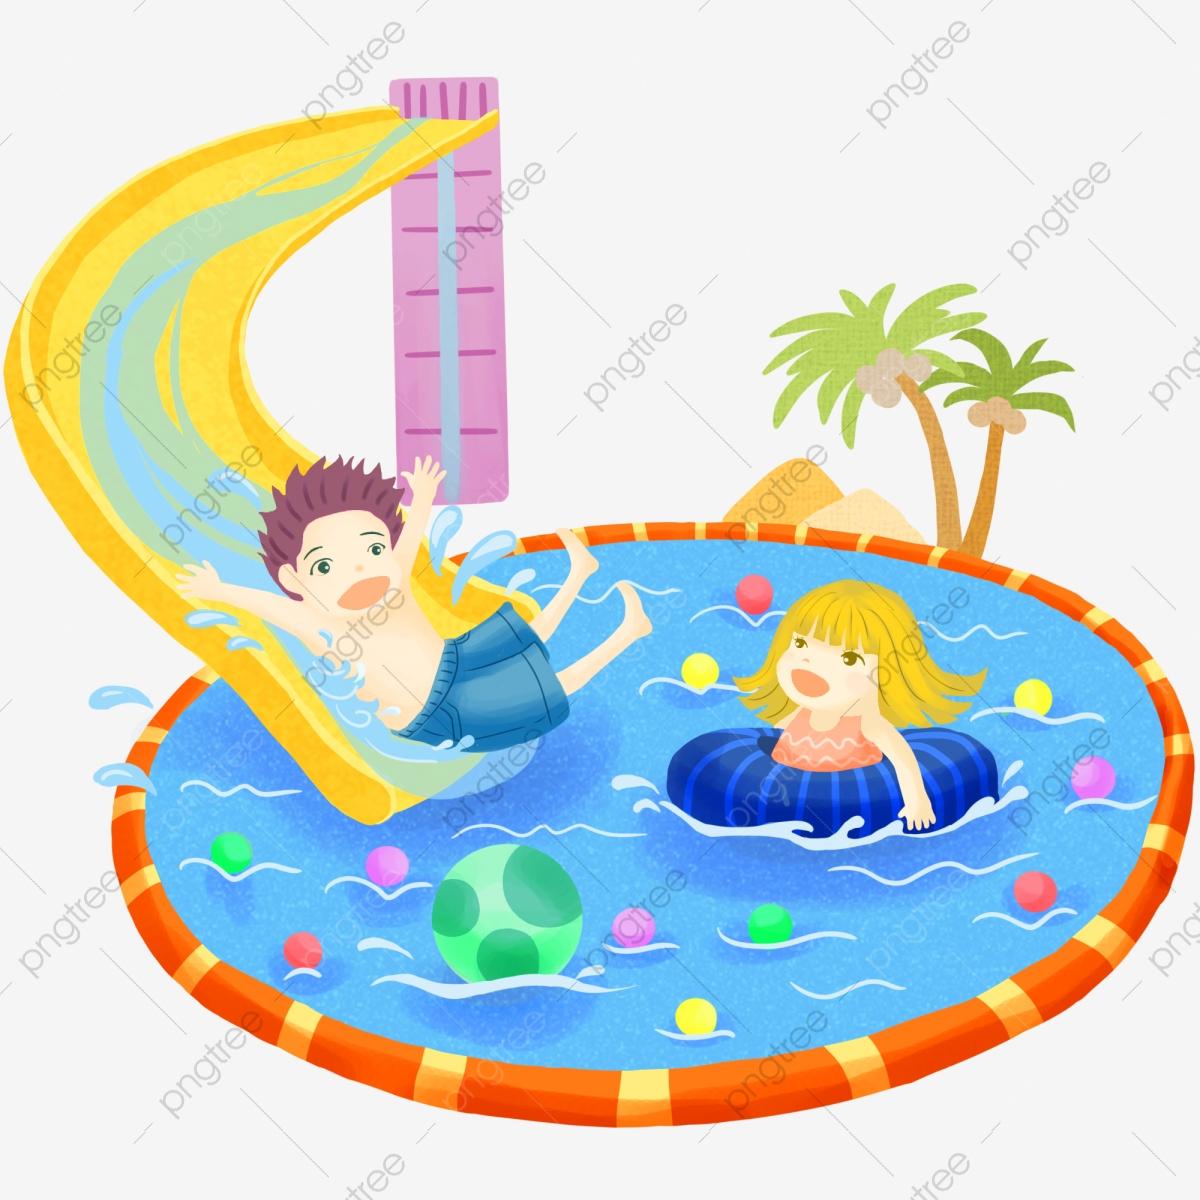 Les Enfants Jouer Dans Le Terrain De Jeu Et Une Piscine De ... tout Jeux De Piscine Gratuit